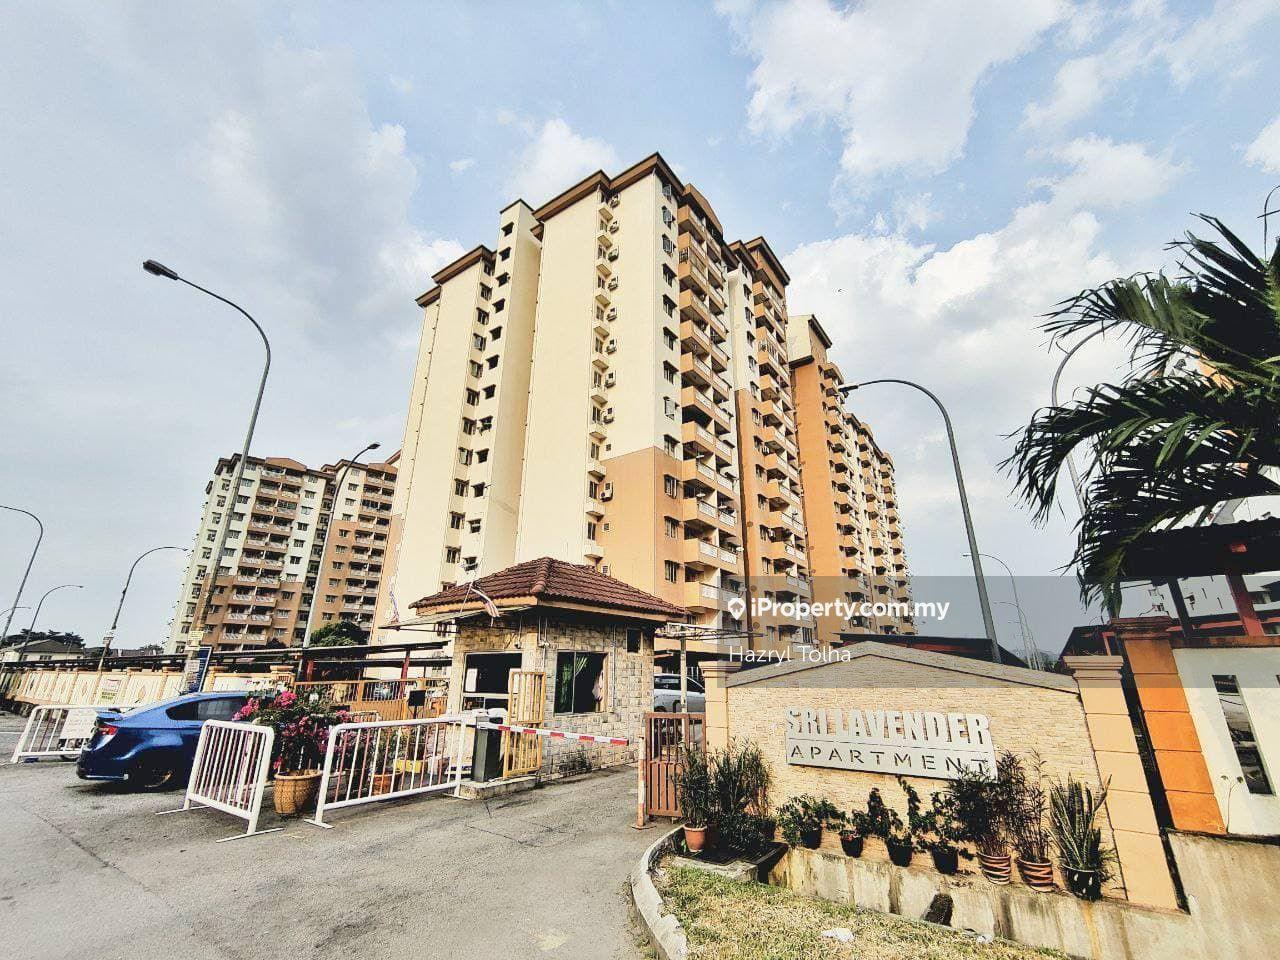 Sri Lavender Apartment, Kajang